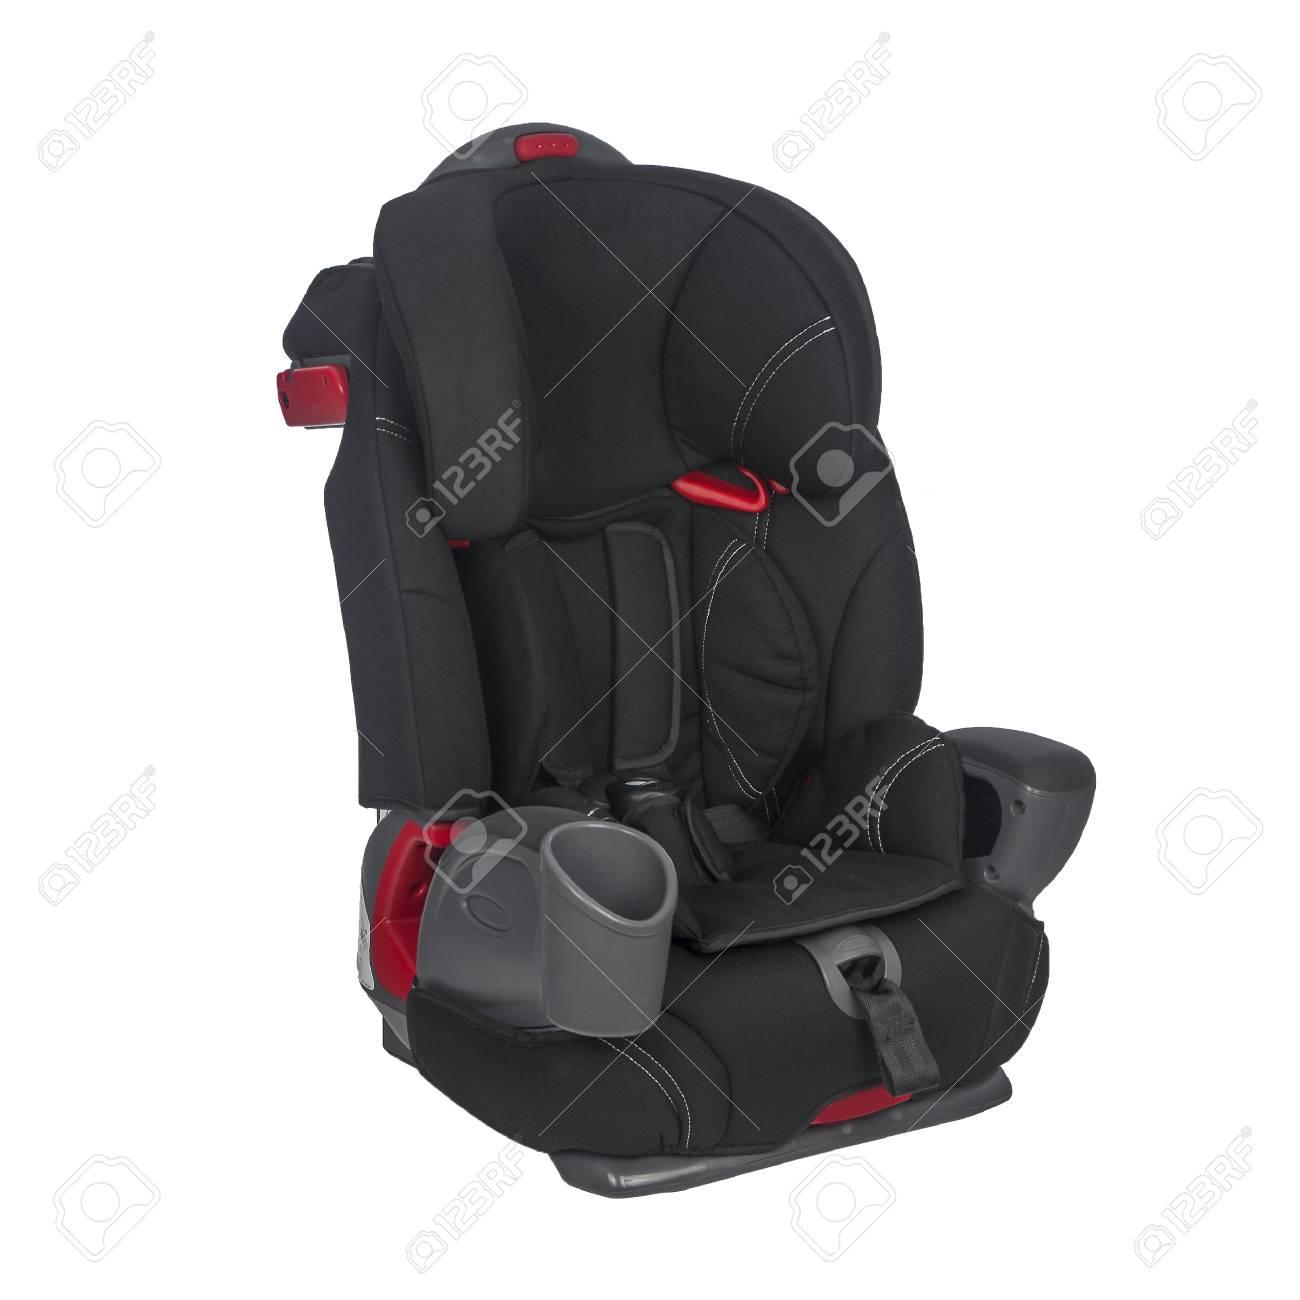 Schwarzer Stuhl Mit Metallrahmen Für Den Transport Von Kindern